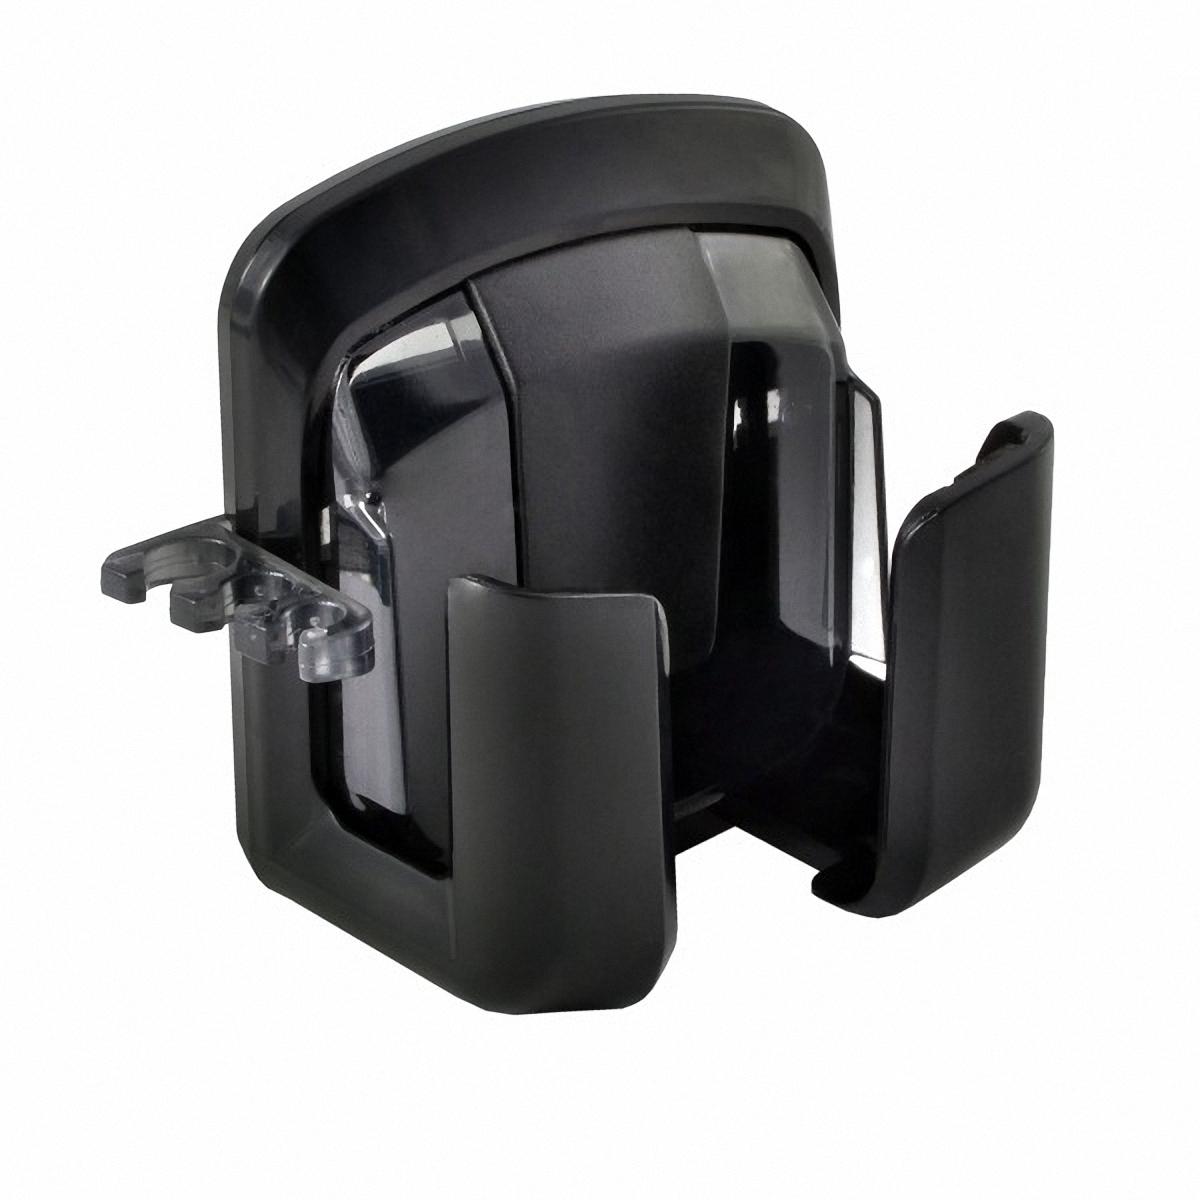 Держатель автомобильный Skyway, для телефона, на дефлектор. S00301012Ветерок 2ГФДержатель Skyway предназначен для телефона. Захват отделан мягкими вставками из мягкой резины, благодаря которым ваше устройство защищено от царапин.Легкая и удобная система установки позволяет быстро закрепить держатель в салоне практически любого автомобиля. Система поворота пьедестала позволяет поворачивать держатель на 360°.